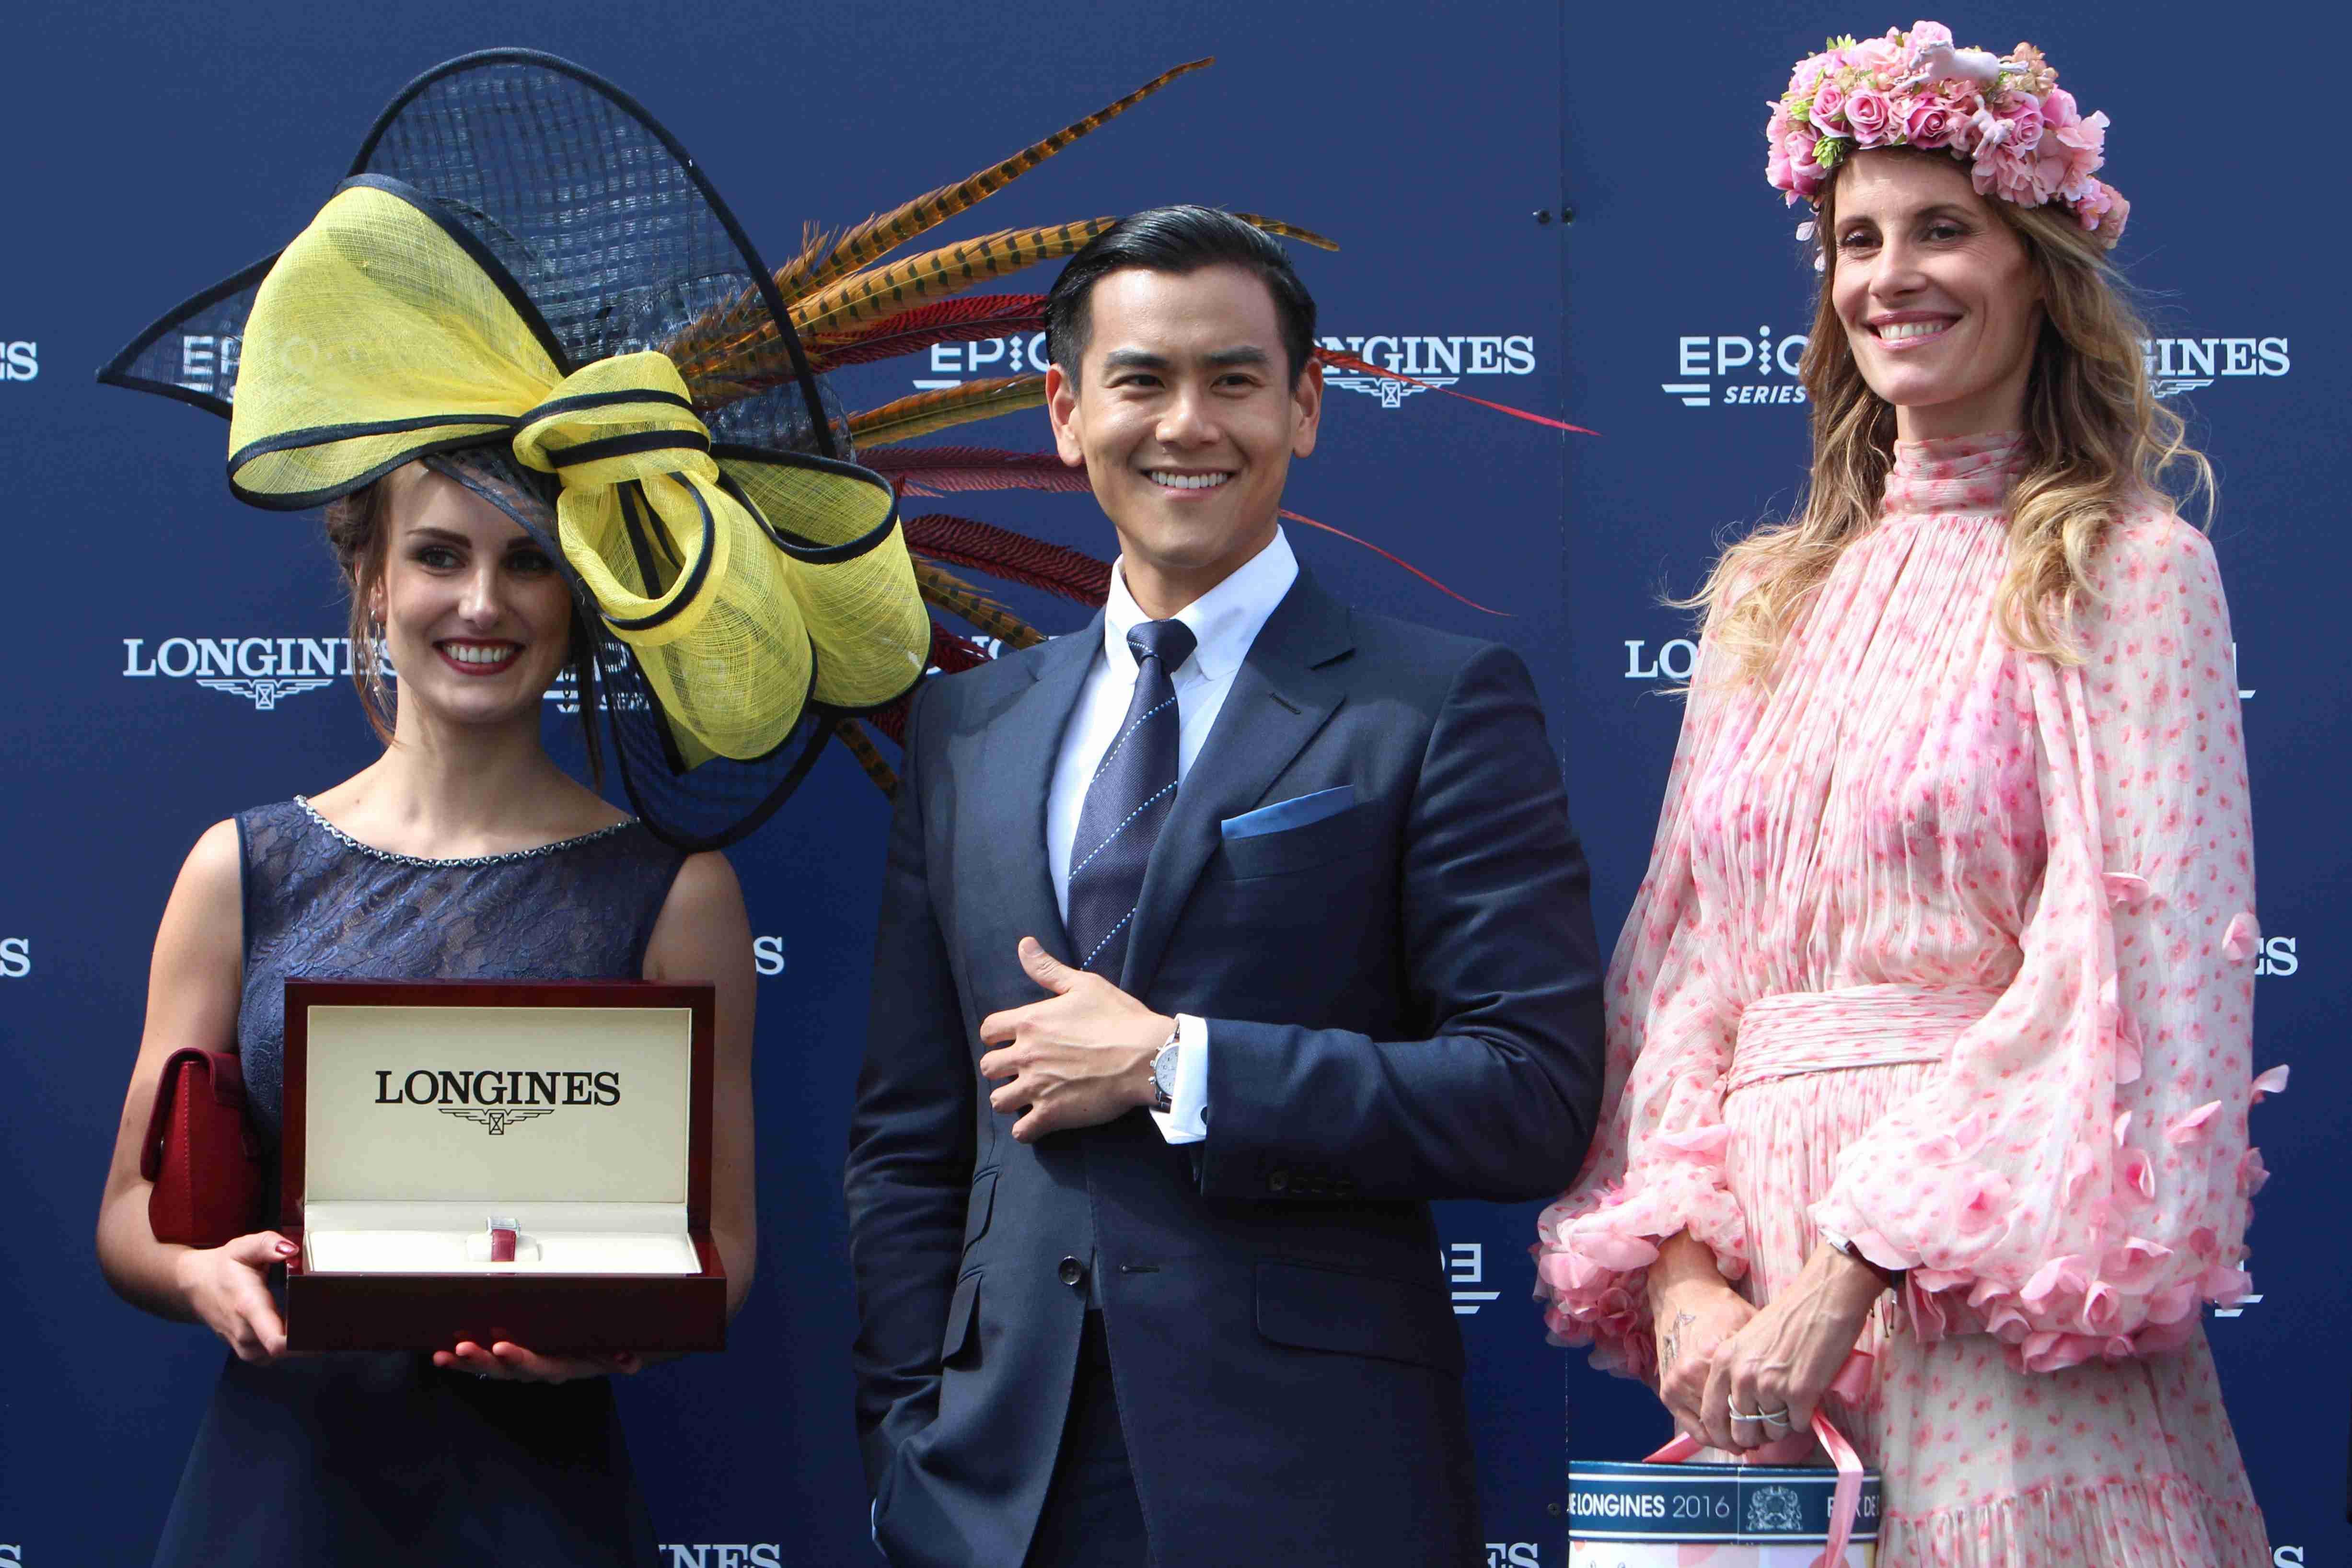 Prix de Diane Longines<br>La Cressonnière et les Elégantes en vedette!